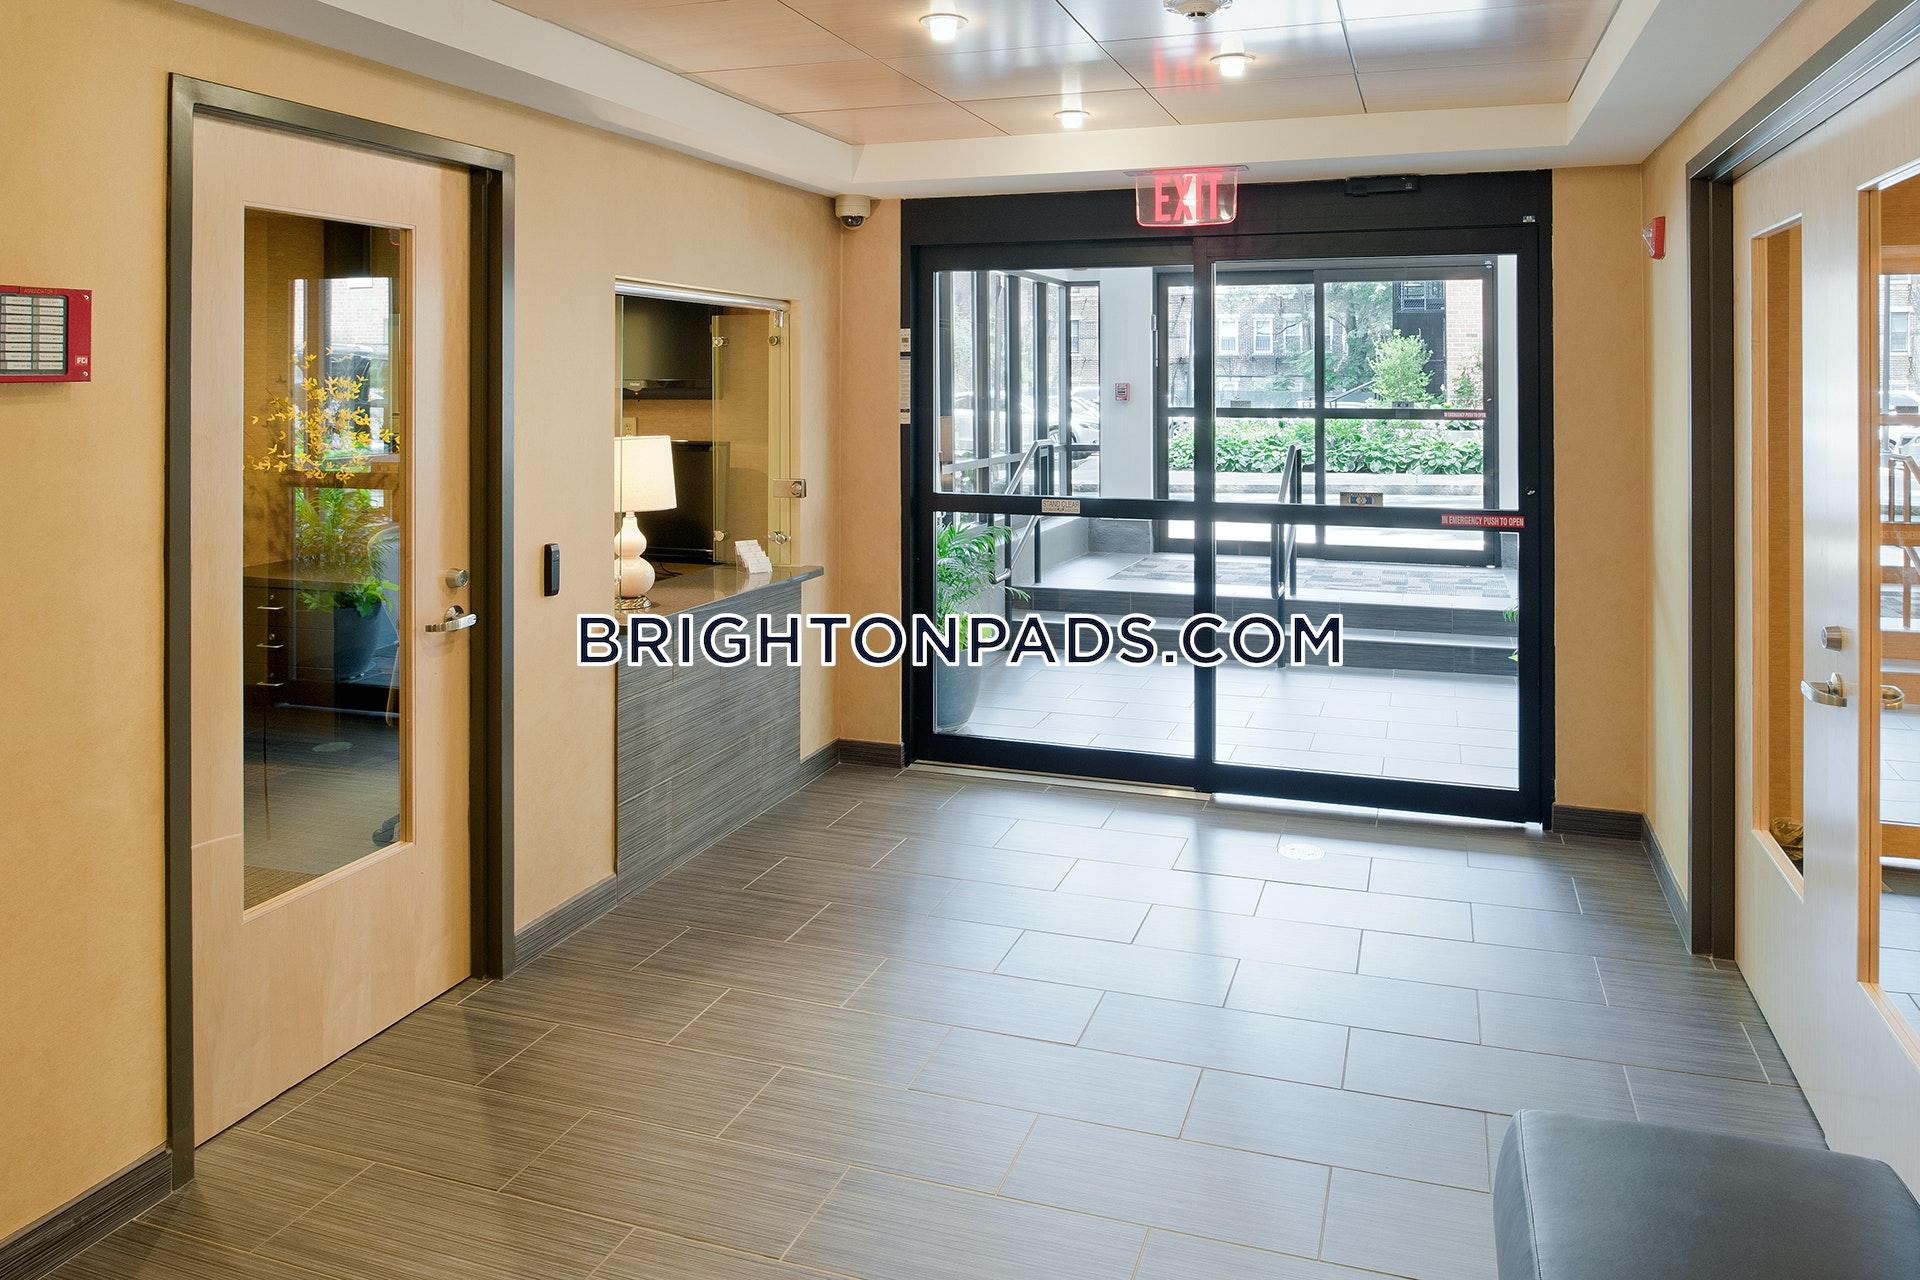 3-beds-1-bath-boston-brighton-washington-st-allston-st-3502-457292